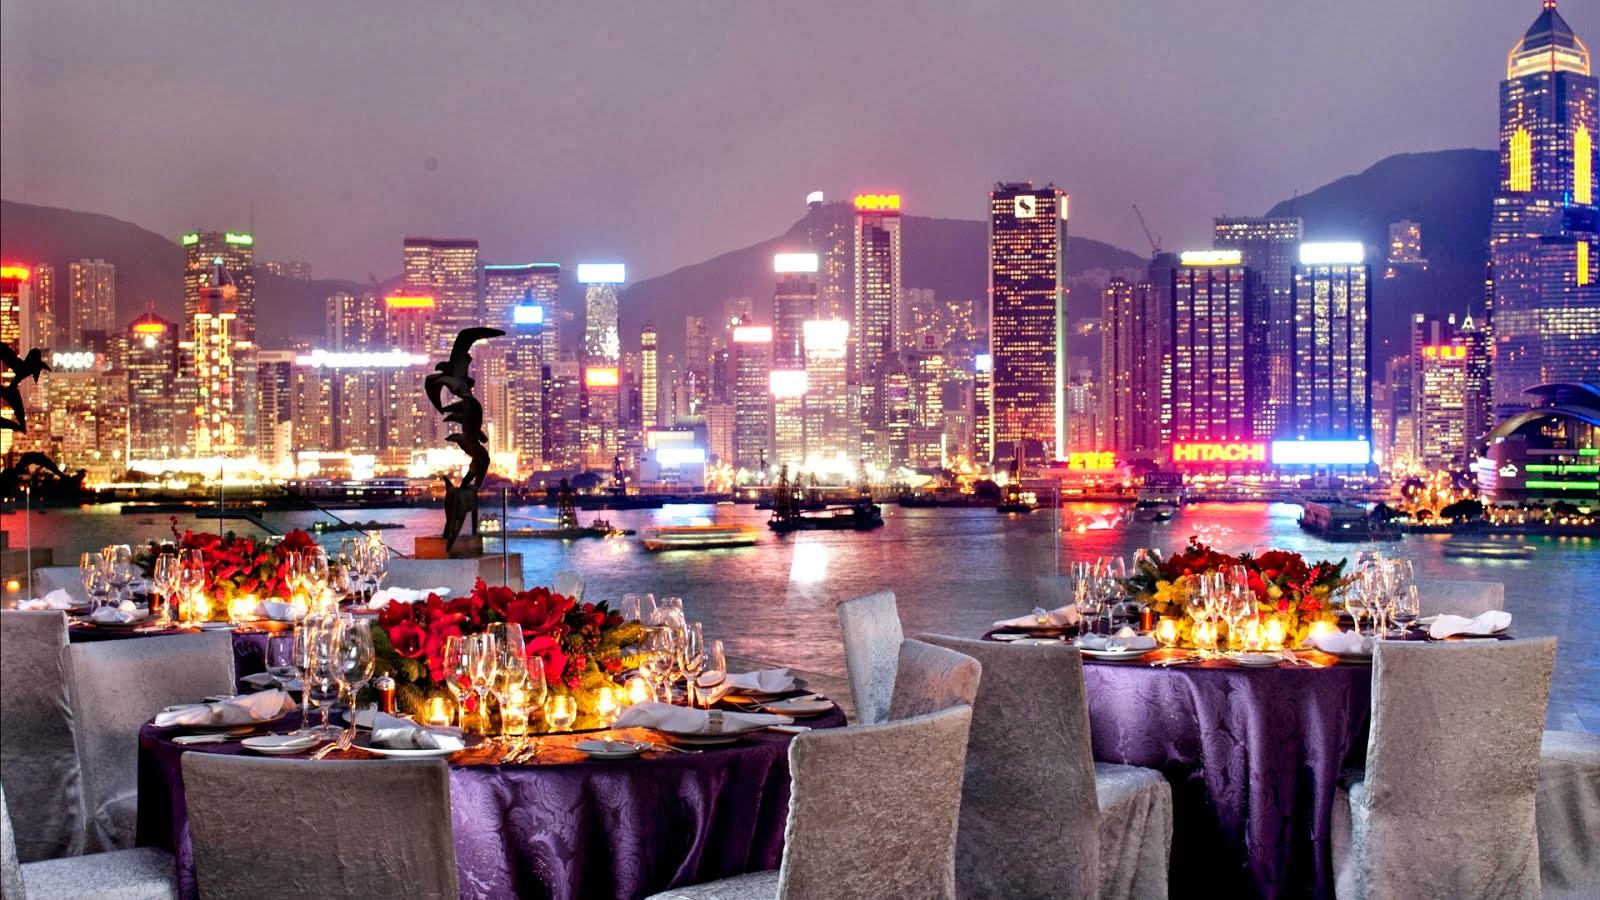 HD-Download-Hong-Kong-City-HD-1080p-wallpaper-wp3406771